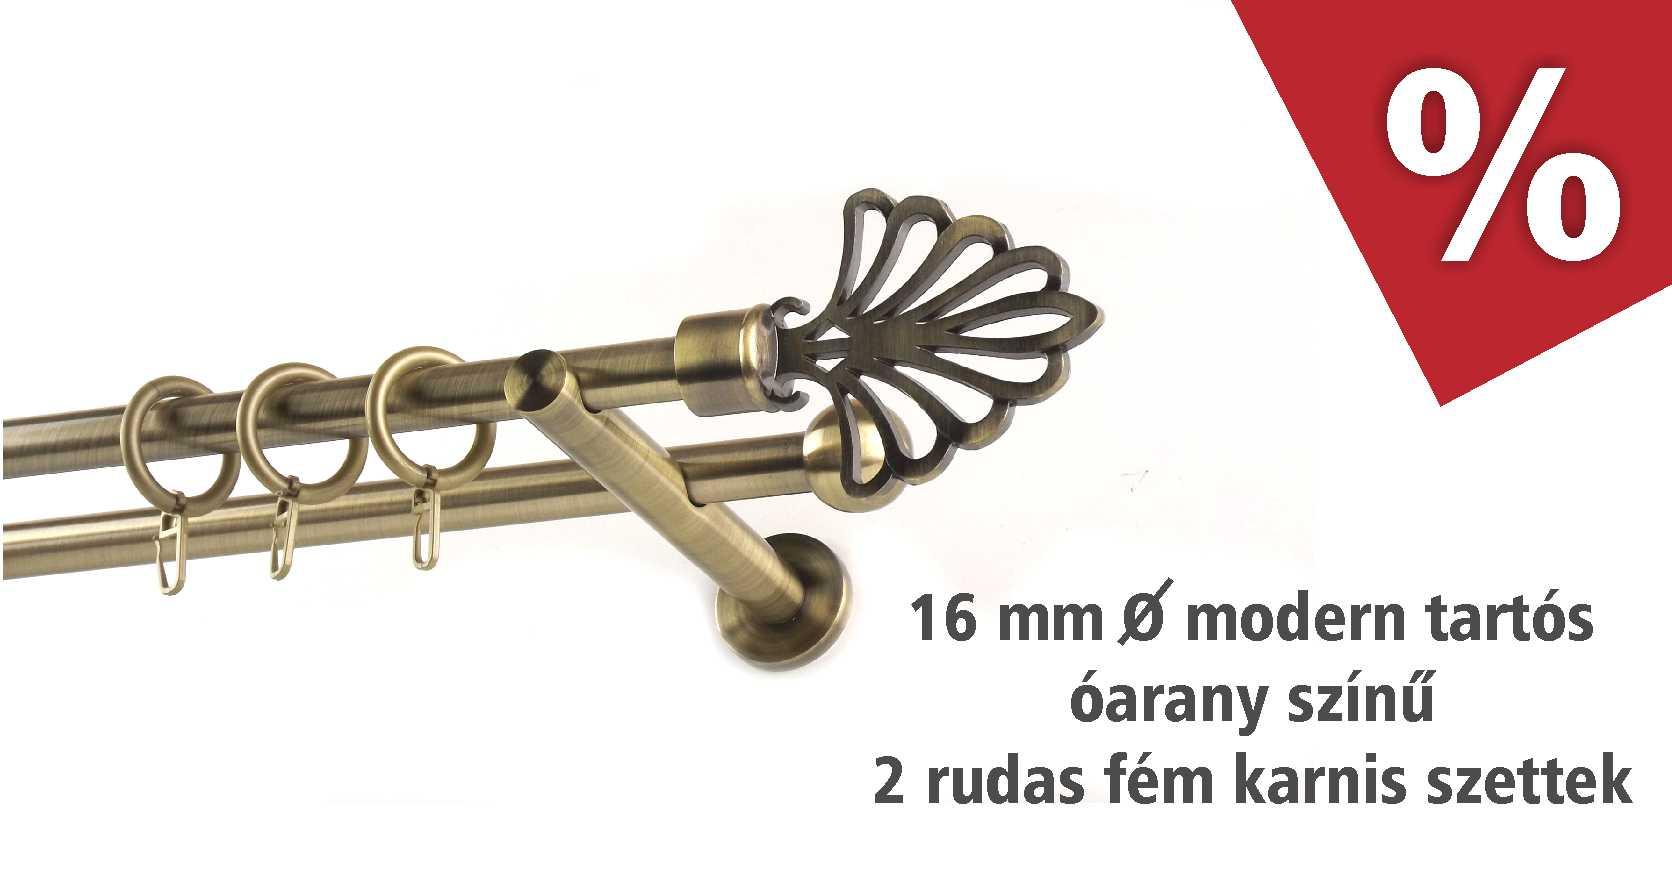 Óarany színű fém karnis szettek modern tartókkal, 16 mm átmérővel több méretben, szeptemberben akciós áron - www.karnisstudio.hu